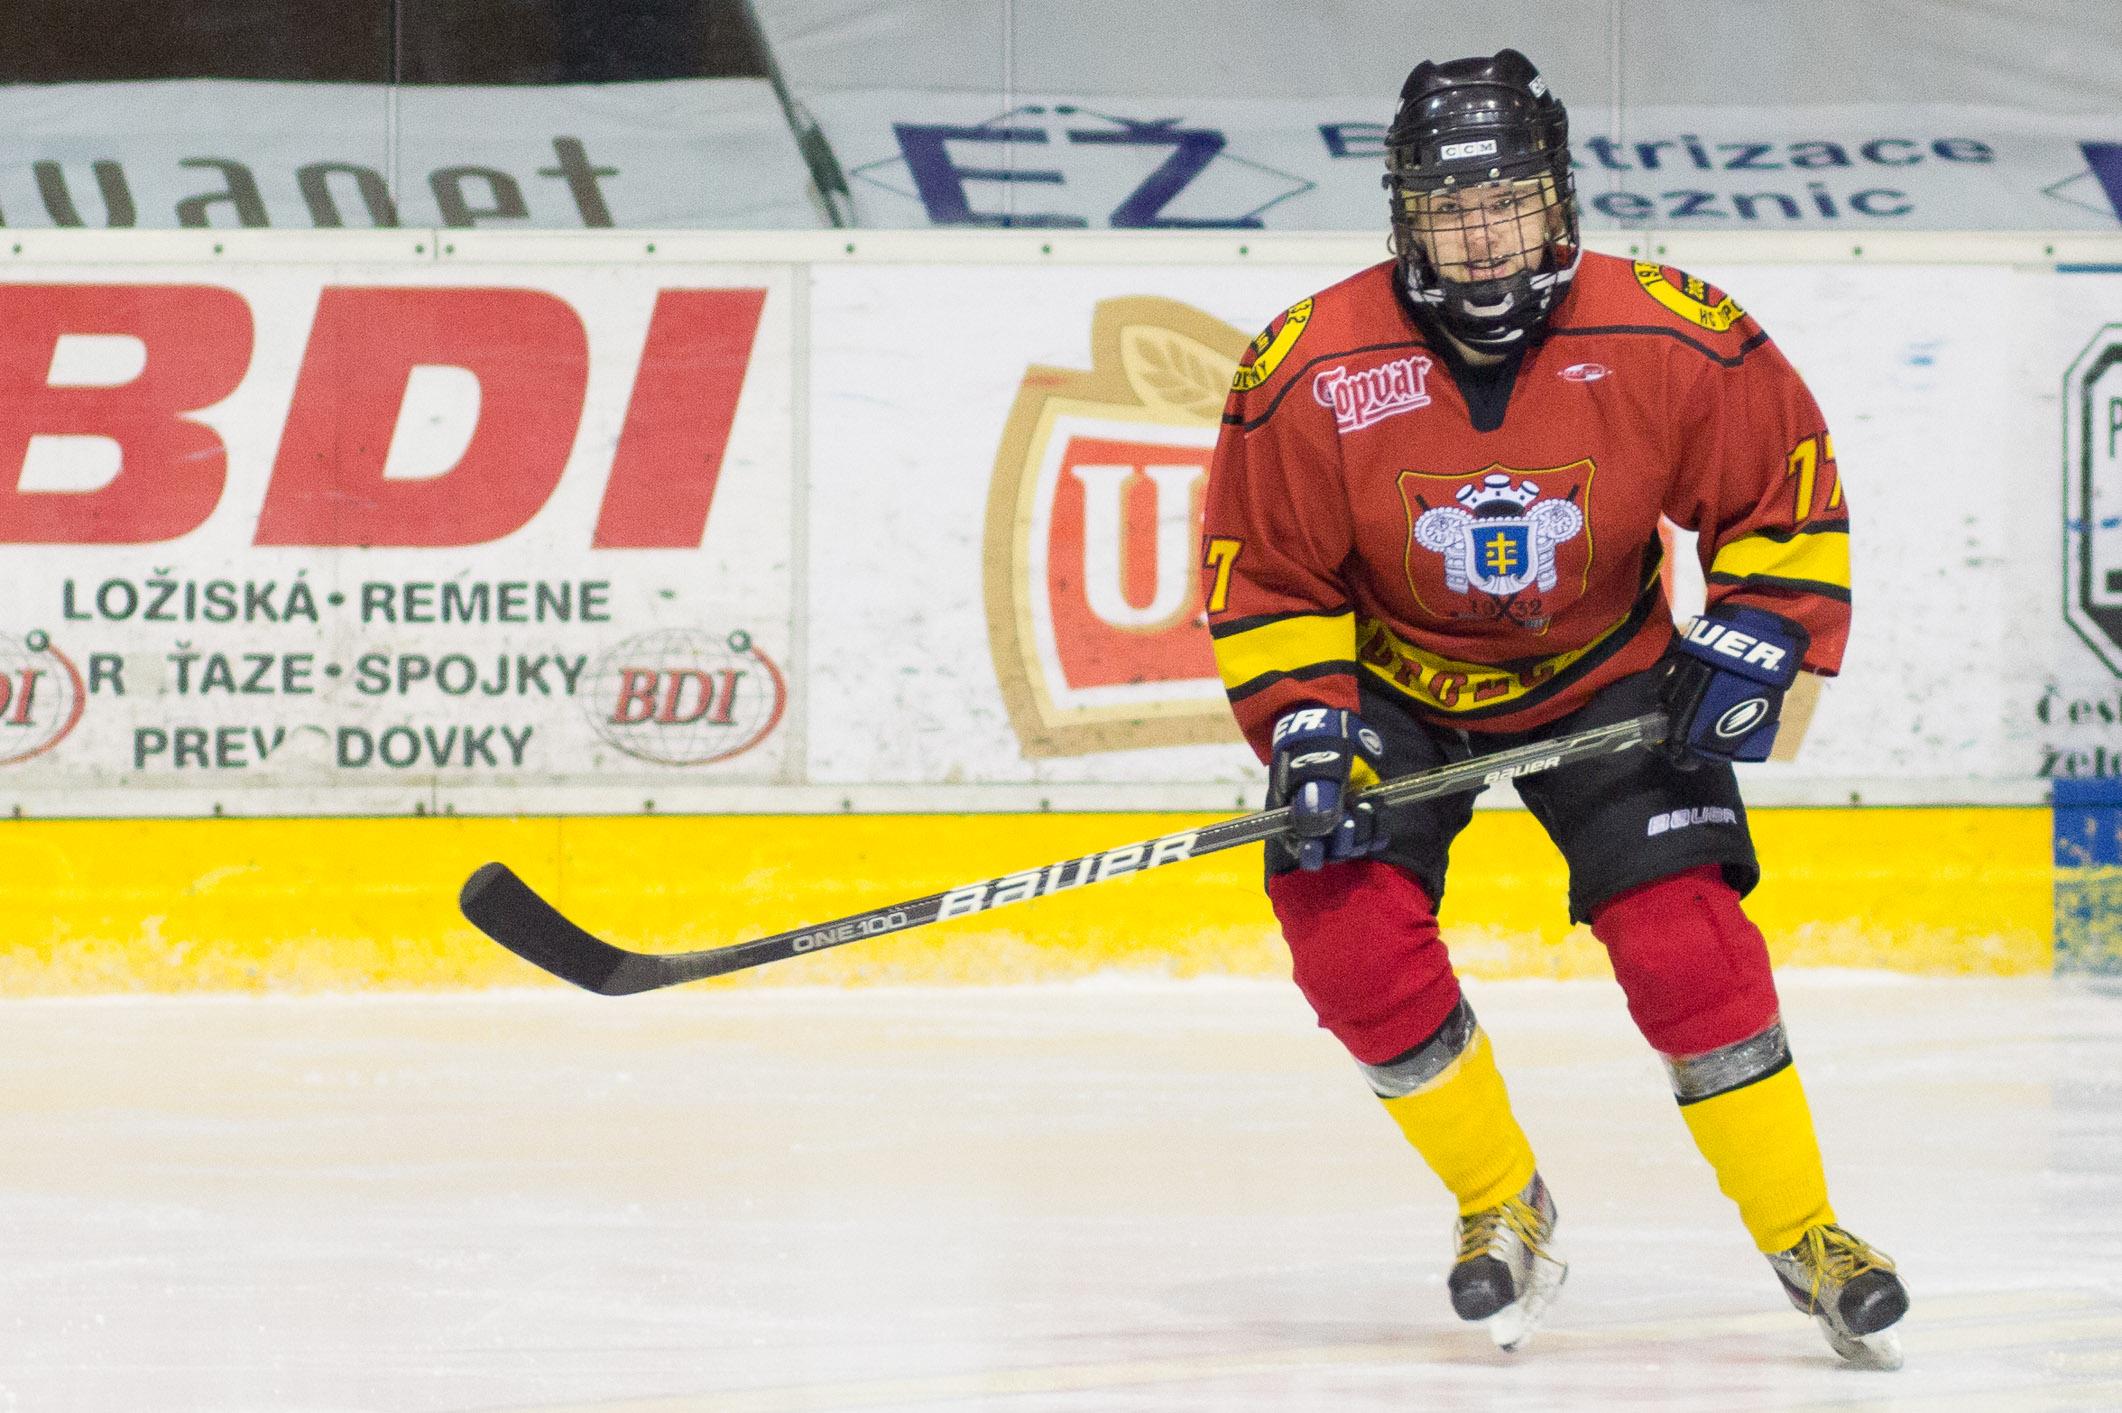 zhkm-zvolen-hc-topolcany-2013-hokej-2